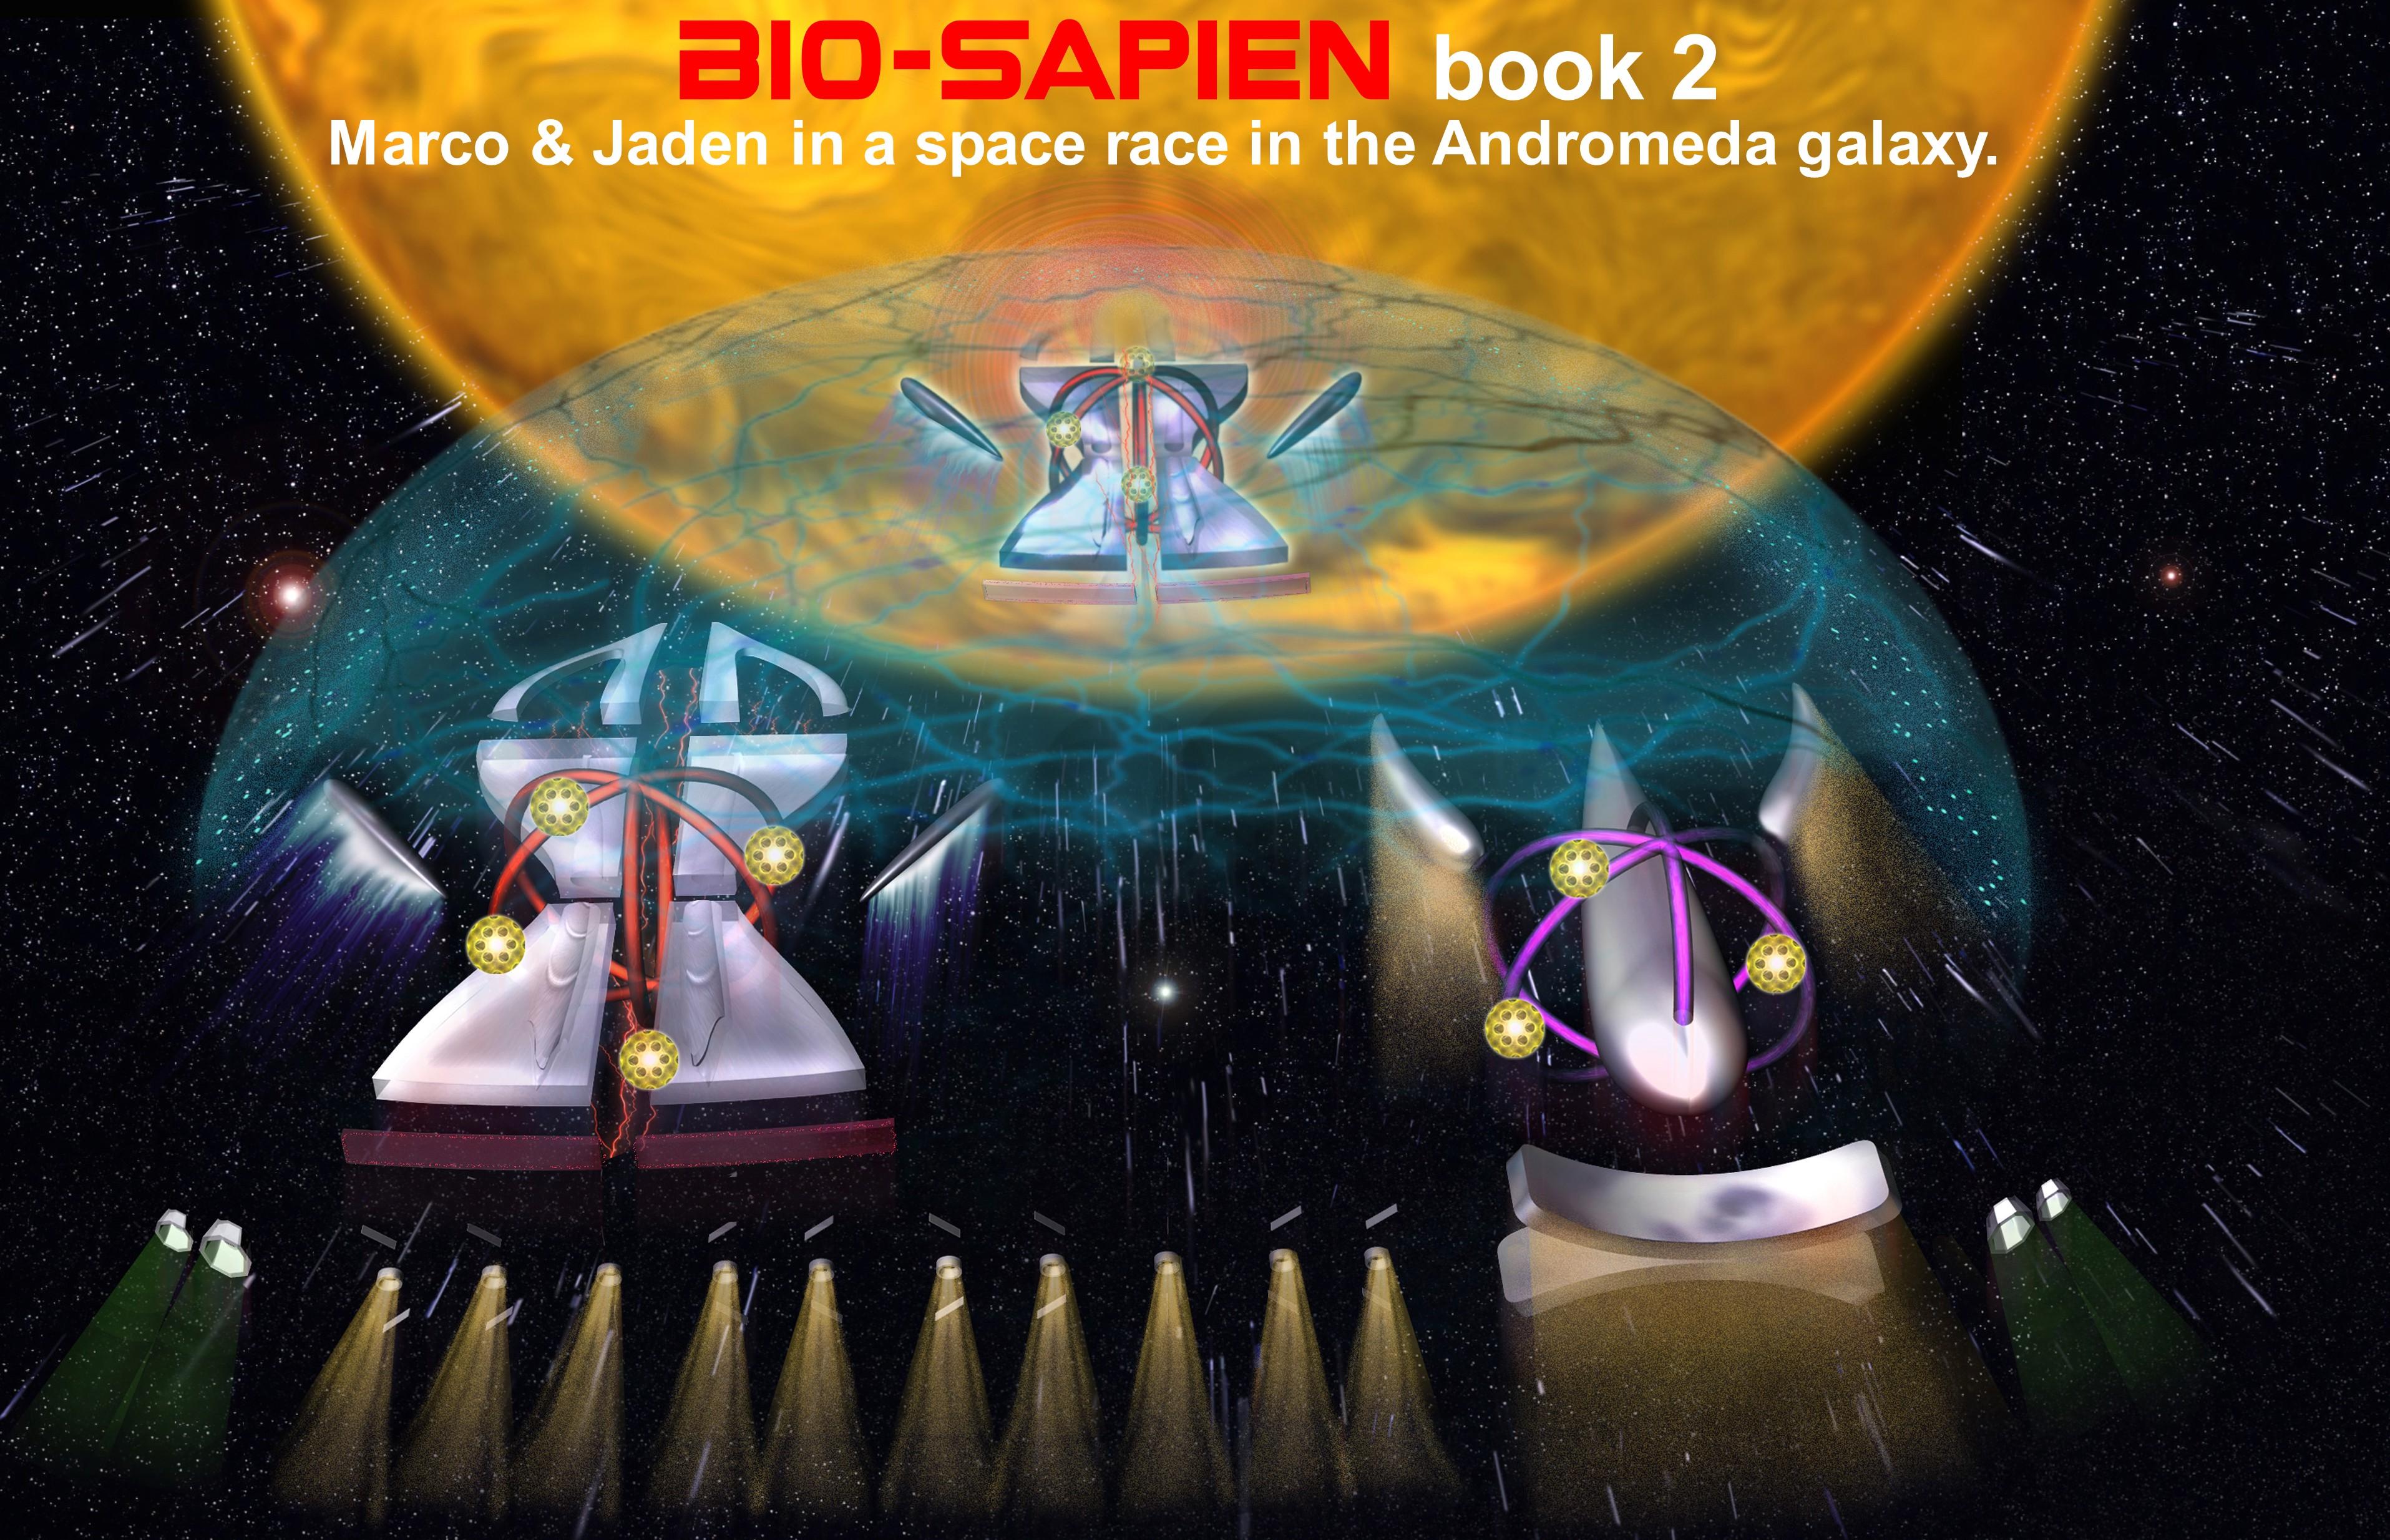 spacerace bio-sapien